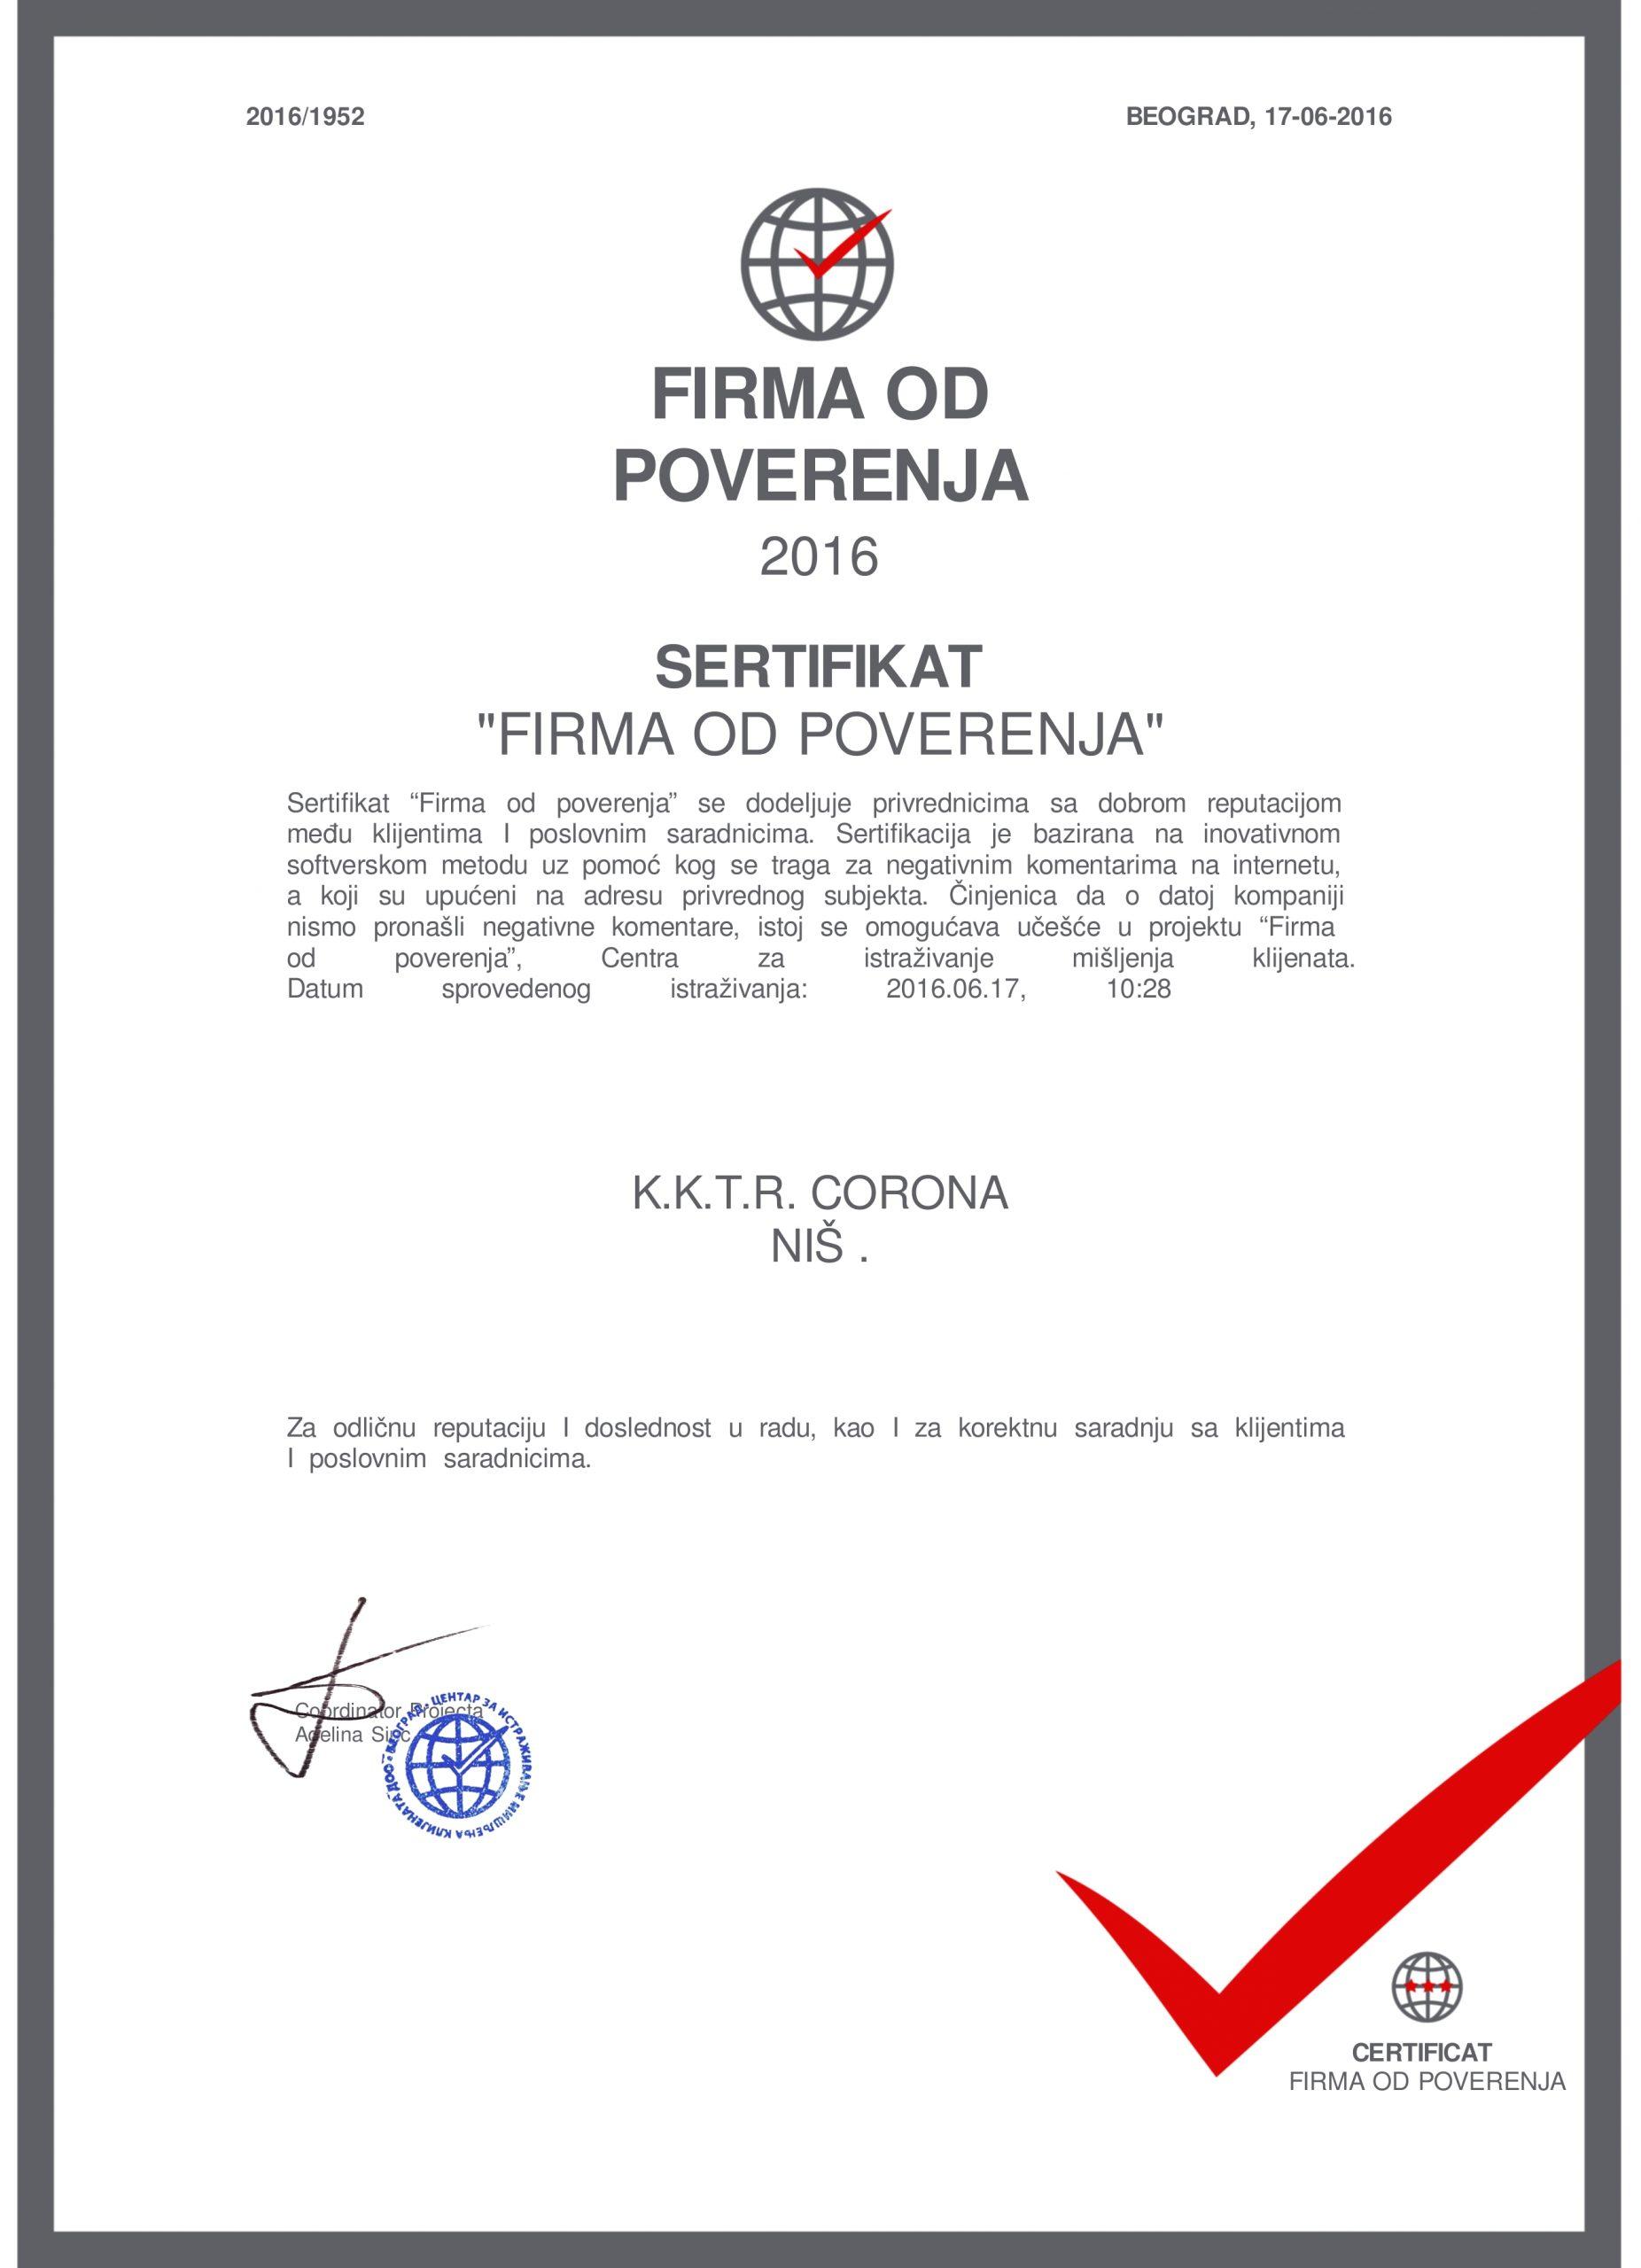 Corona Ergo firma od poverenja